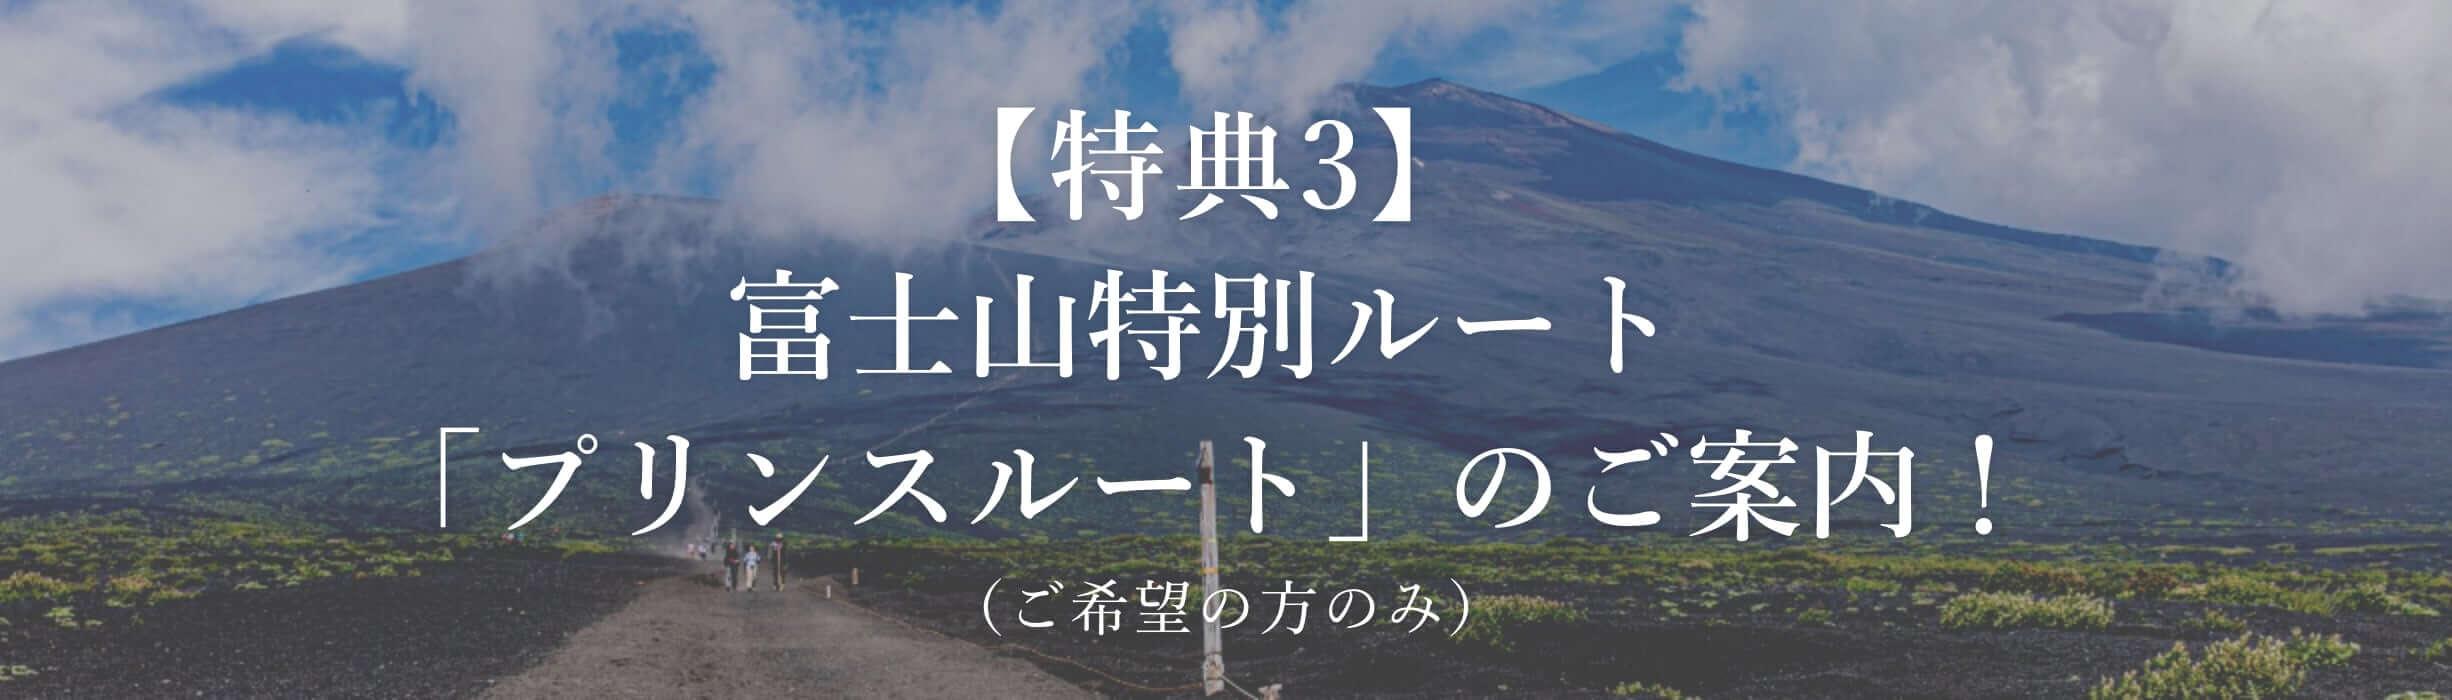 【特典3】富士山特別ルート「プリンスルート」のご案内!(ご希望の方のみ)